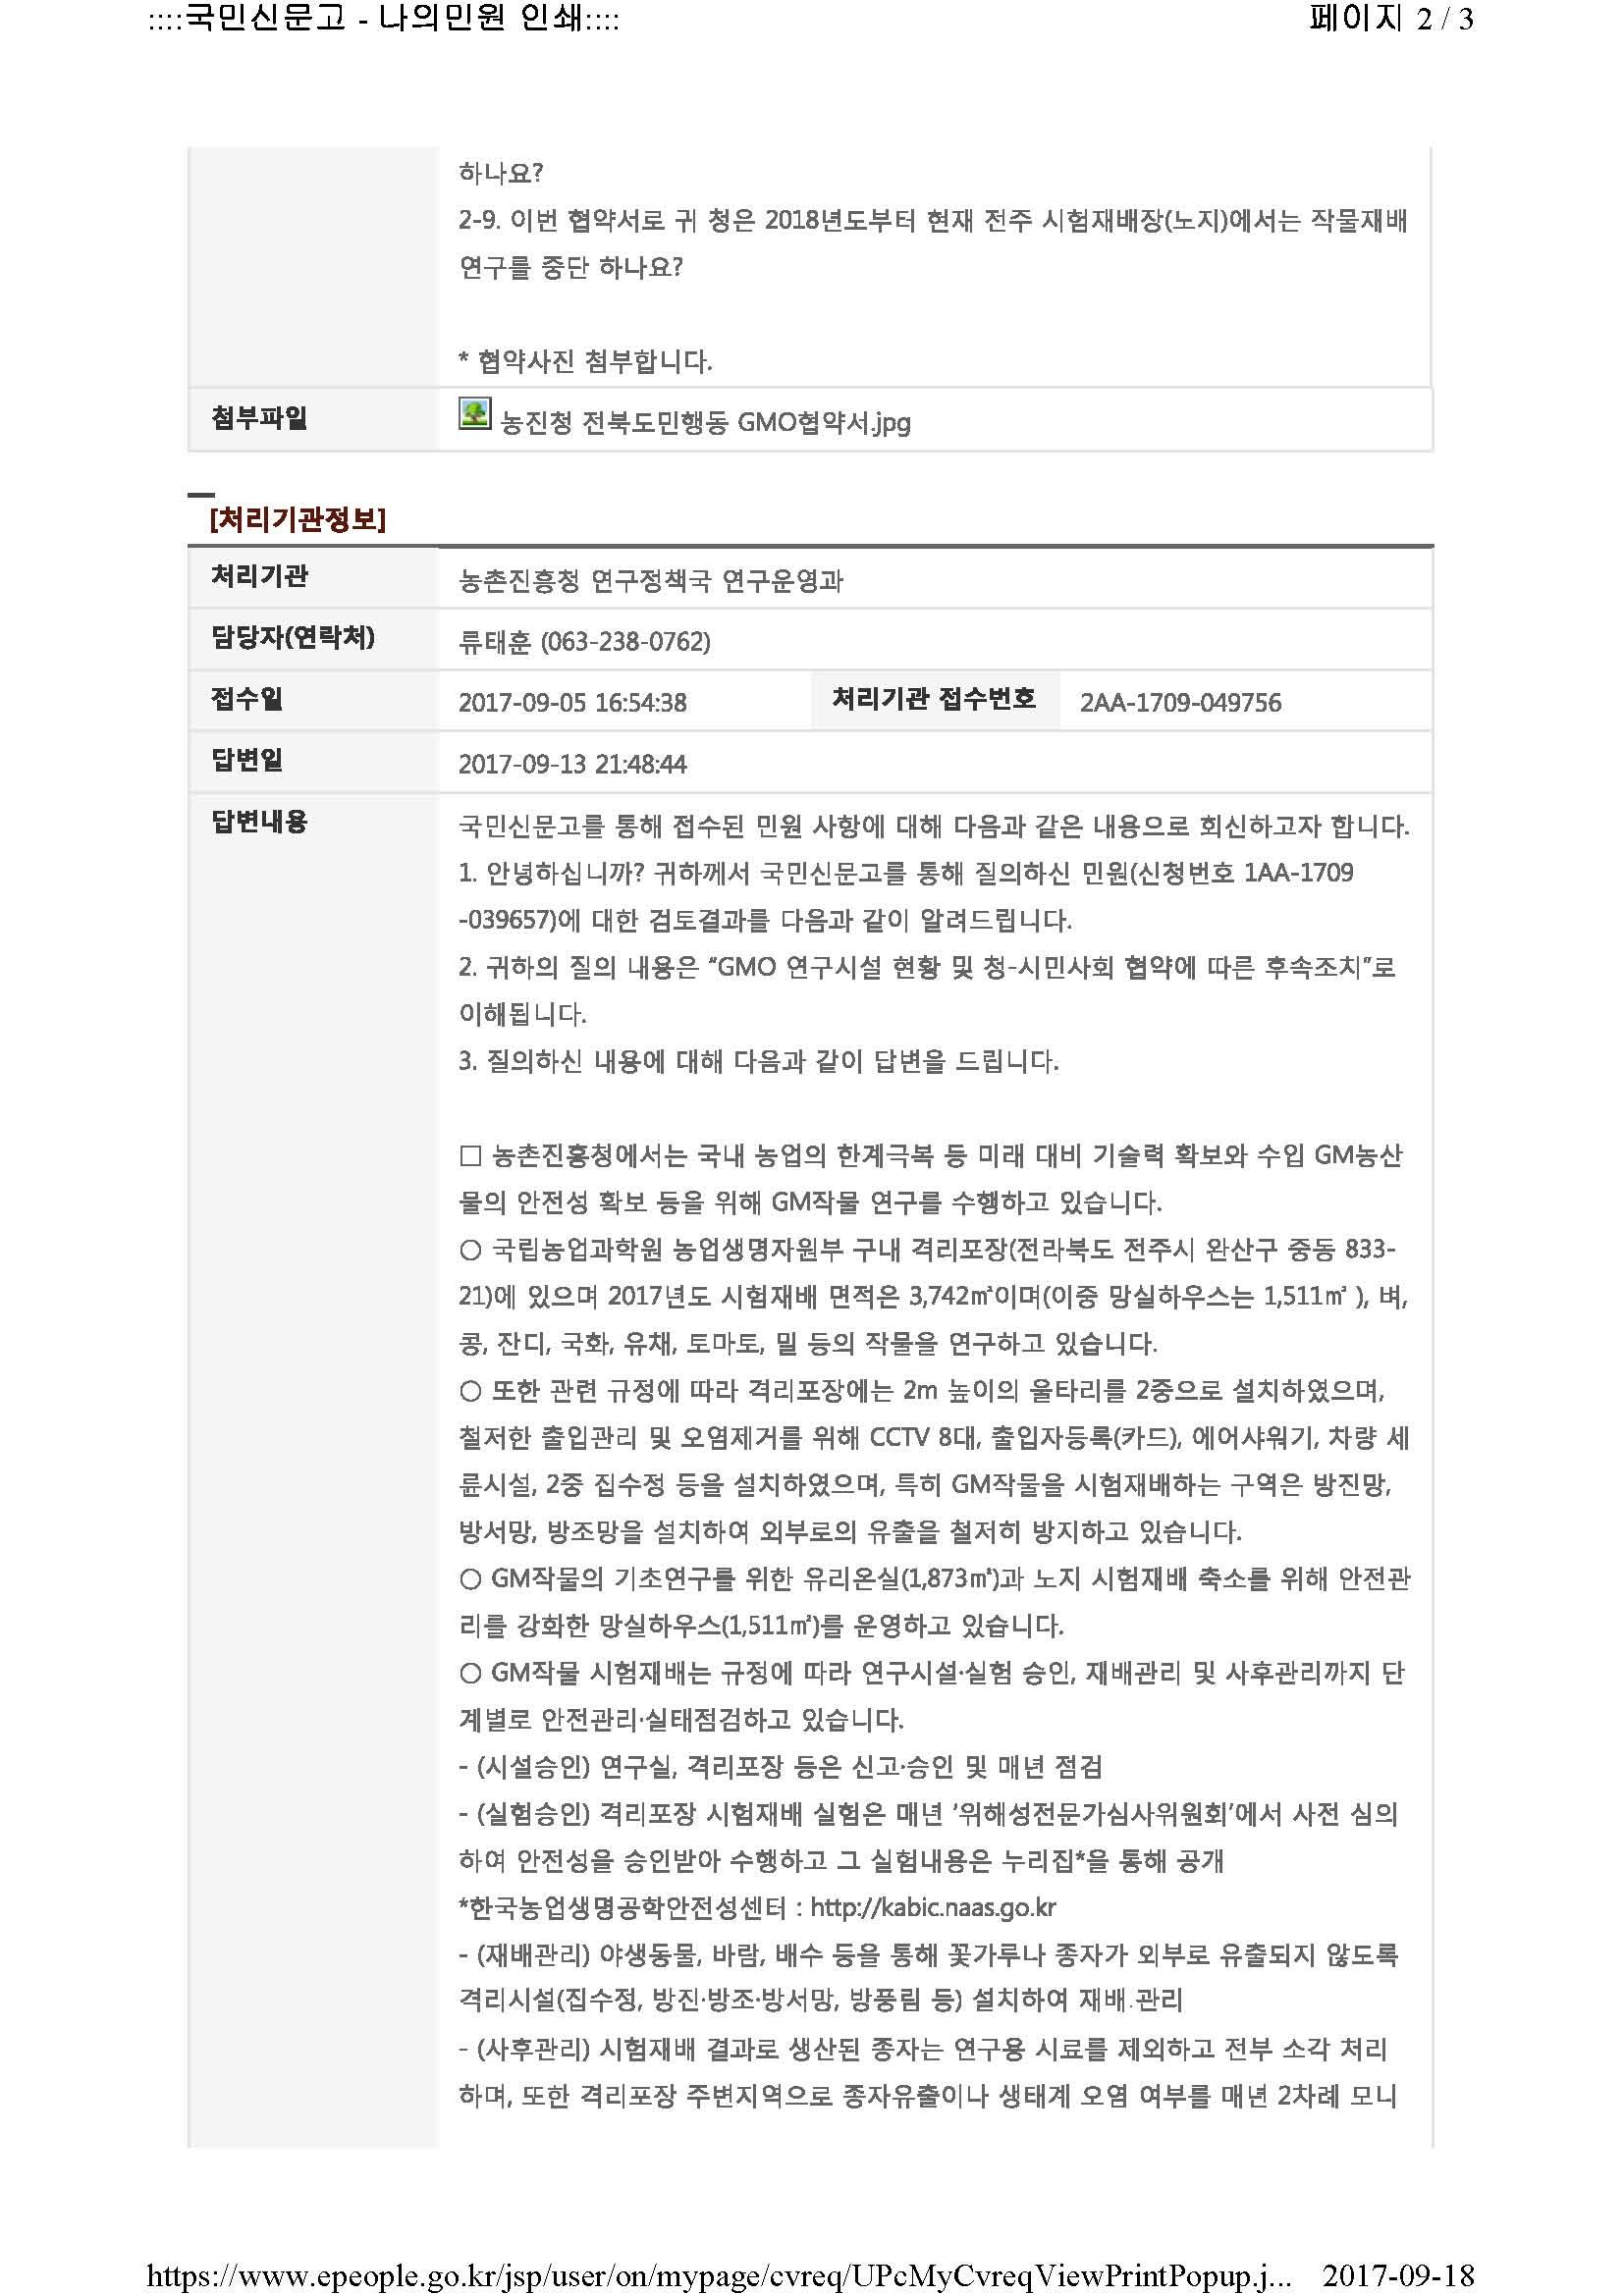 국민신문고질의답변_페이지_2.jpg